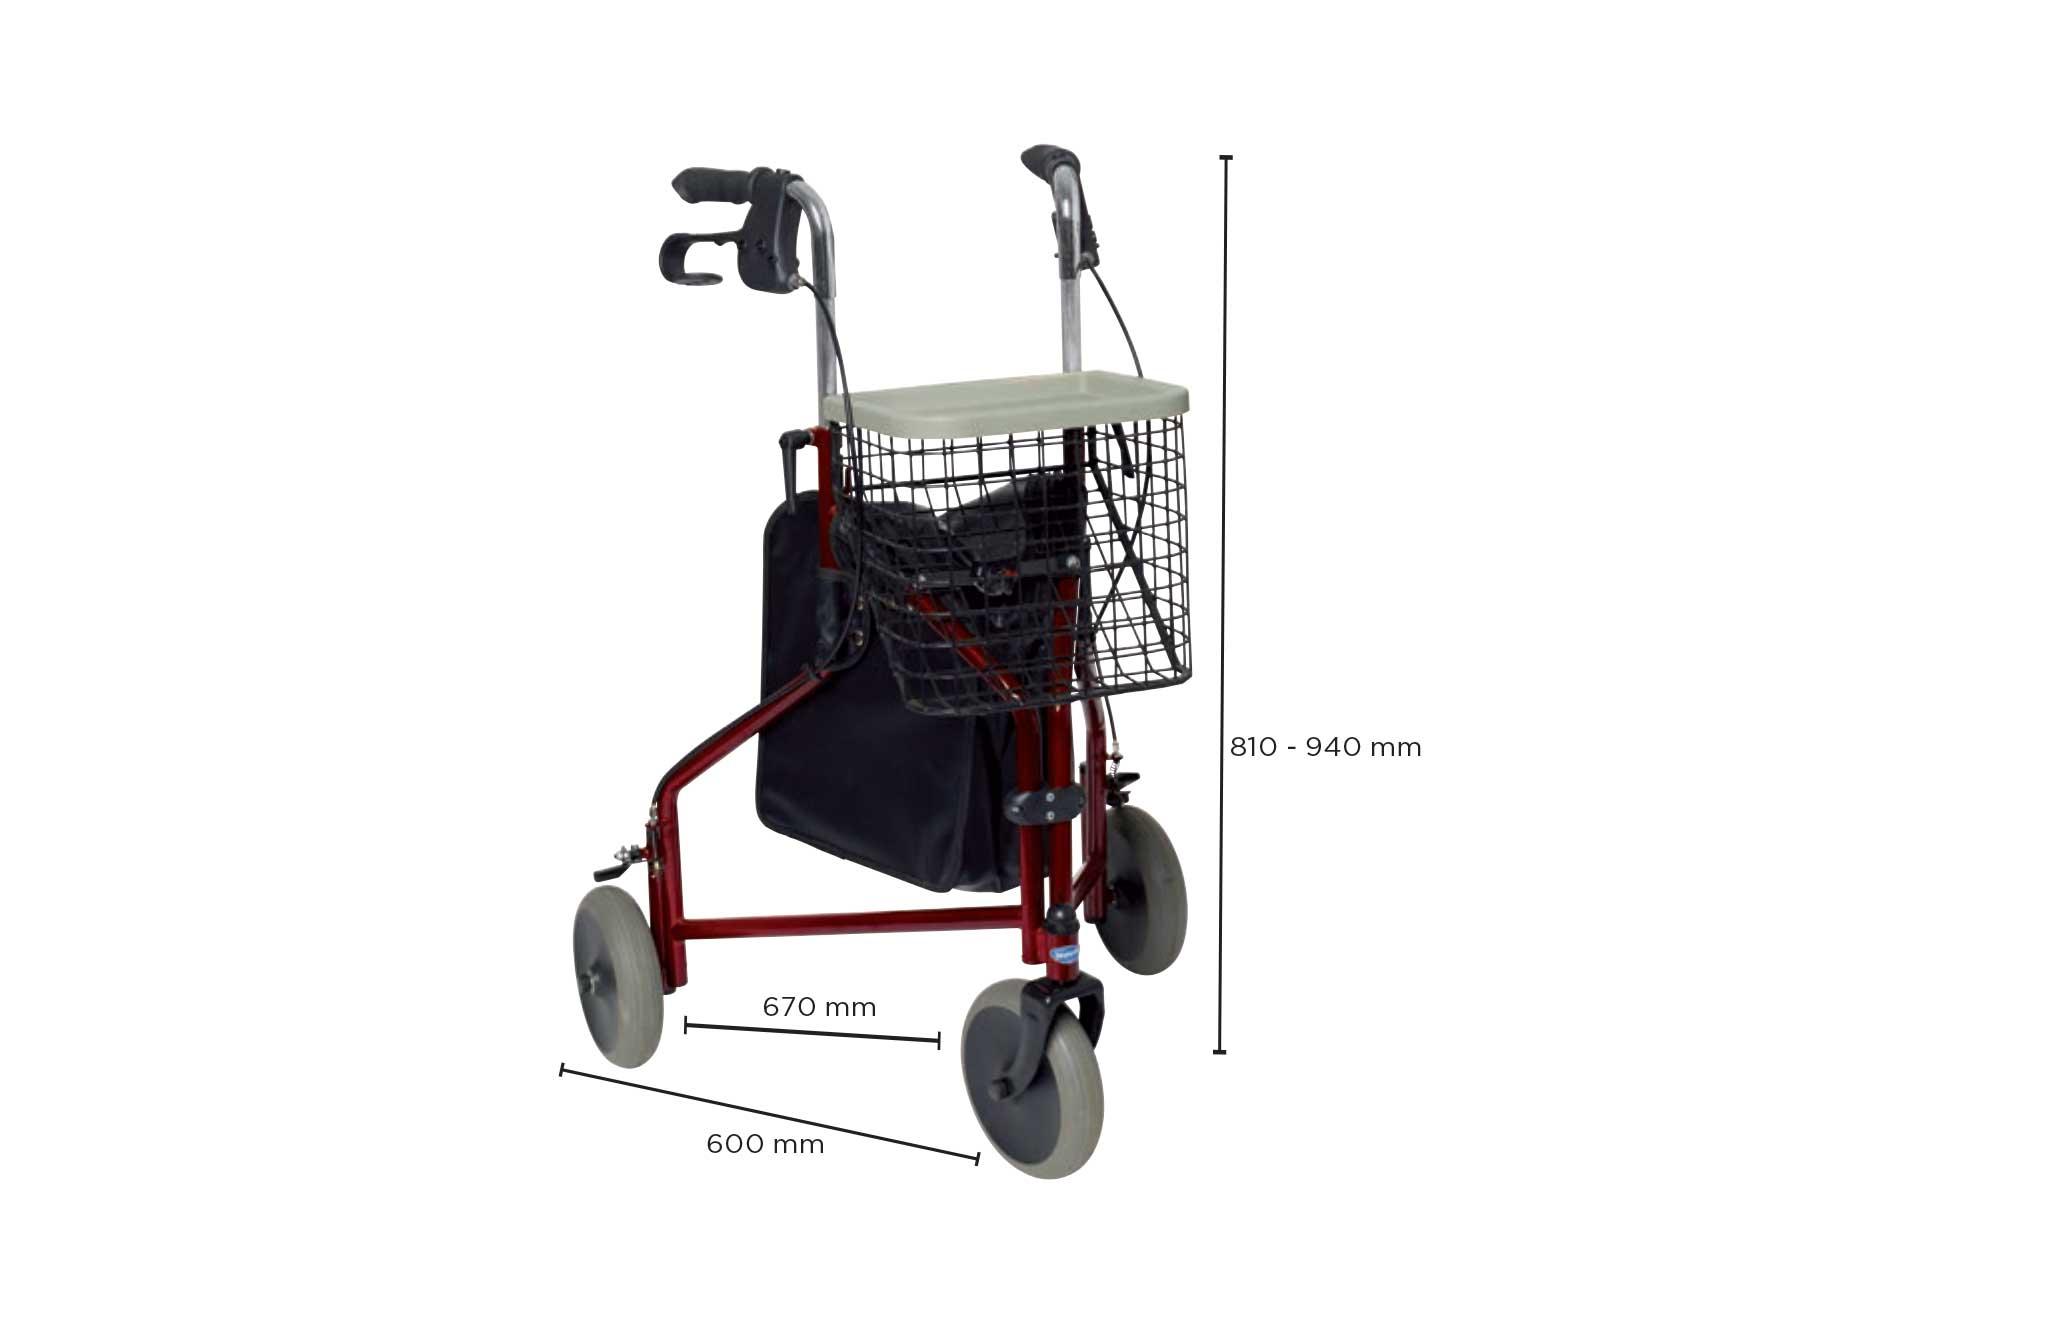 medidas de andarilho com estrutura vermelha, com cesto, visto de perfil.